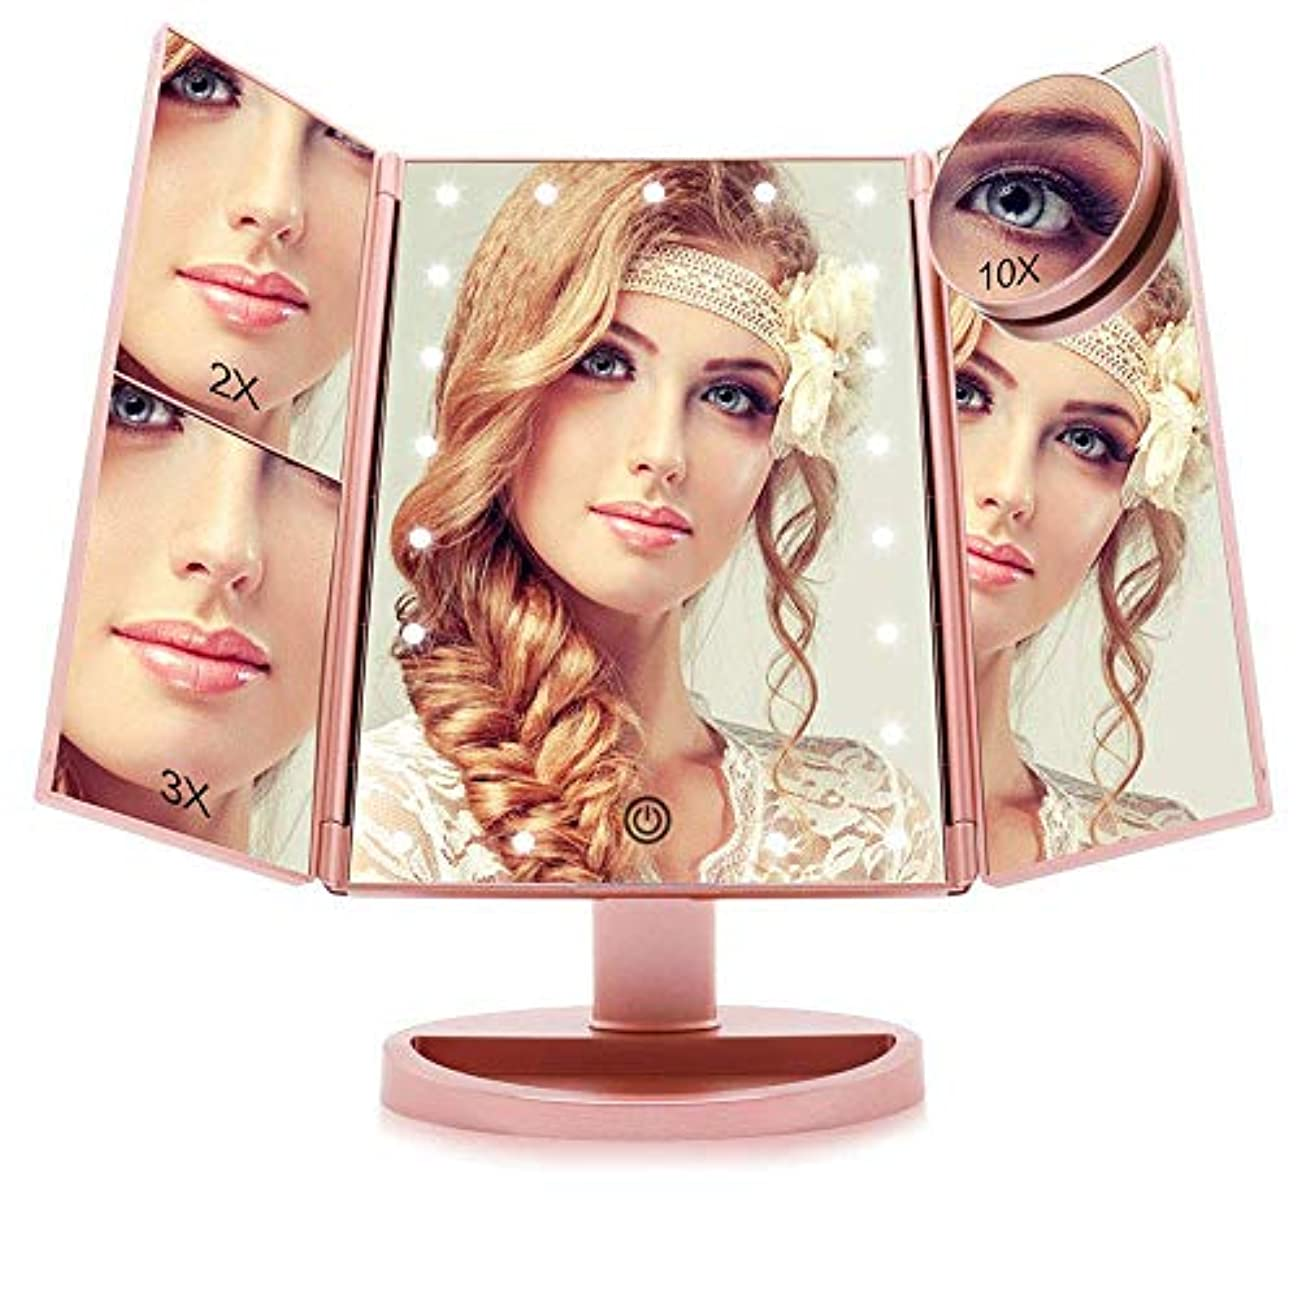 退屈式南西化粧鏡 化粧ミラー 鏡 三面鏡 女優ミラー 卓上 led付き 折りたたみ 拡大鏡 2&3&10倍 明るさ調節可能 180°回転 電池&USB 2WAY給電(Rose Gold)